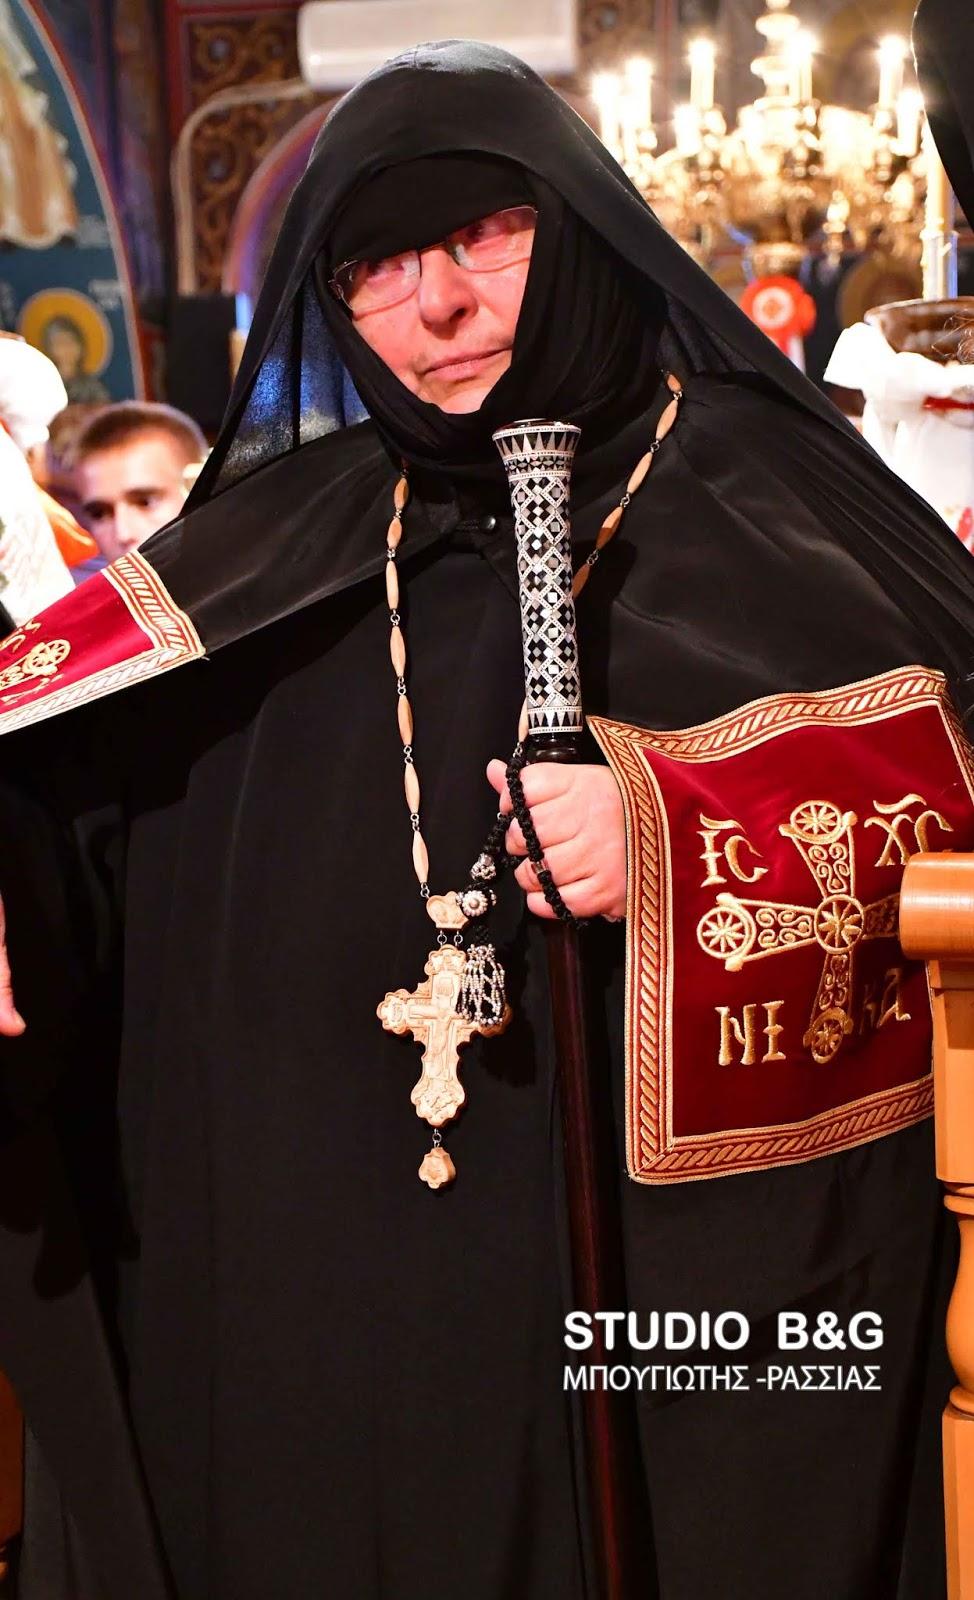 Ενθρονίστηκε η νέα Ηγουμένη της Ιεράς Μονής Αγίου Δημητρίου Καρακαλά Χριστονύμφη